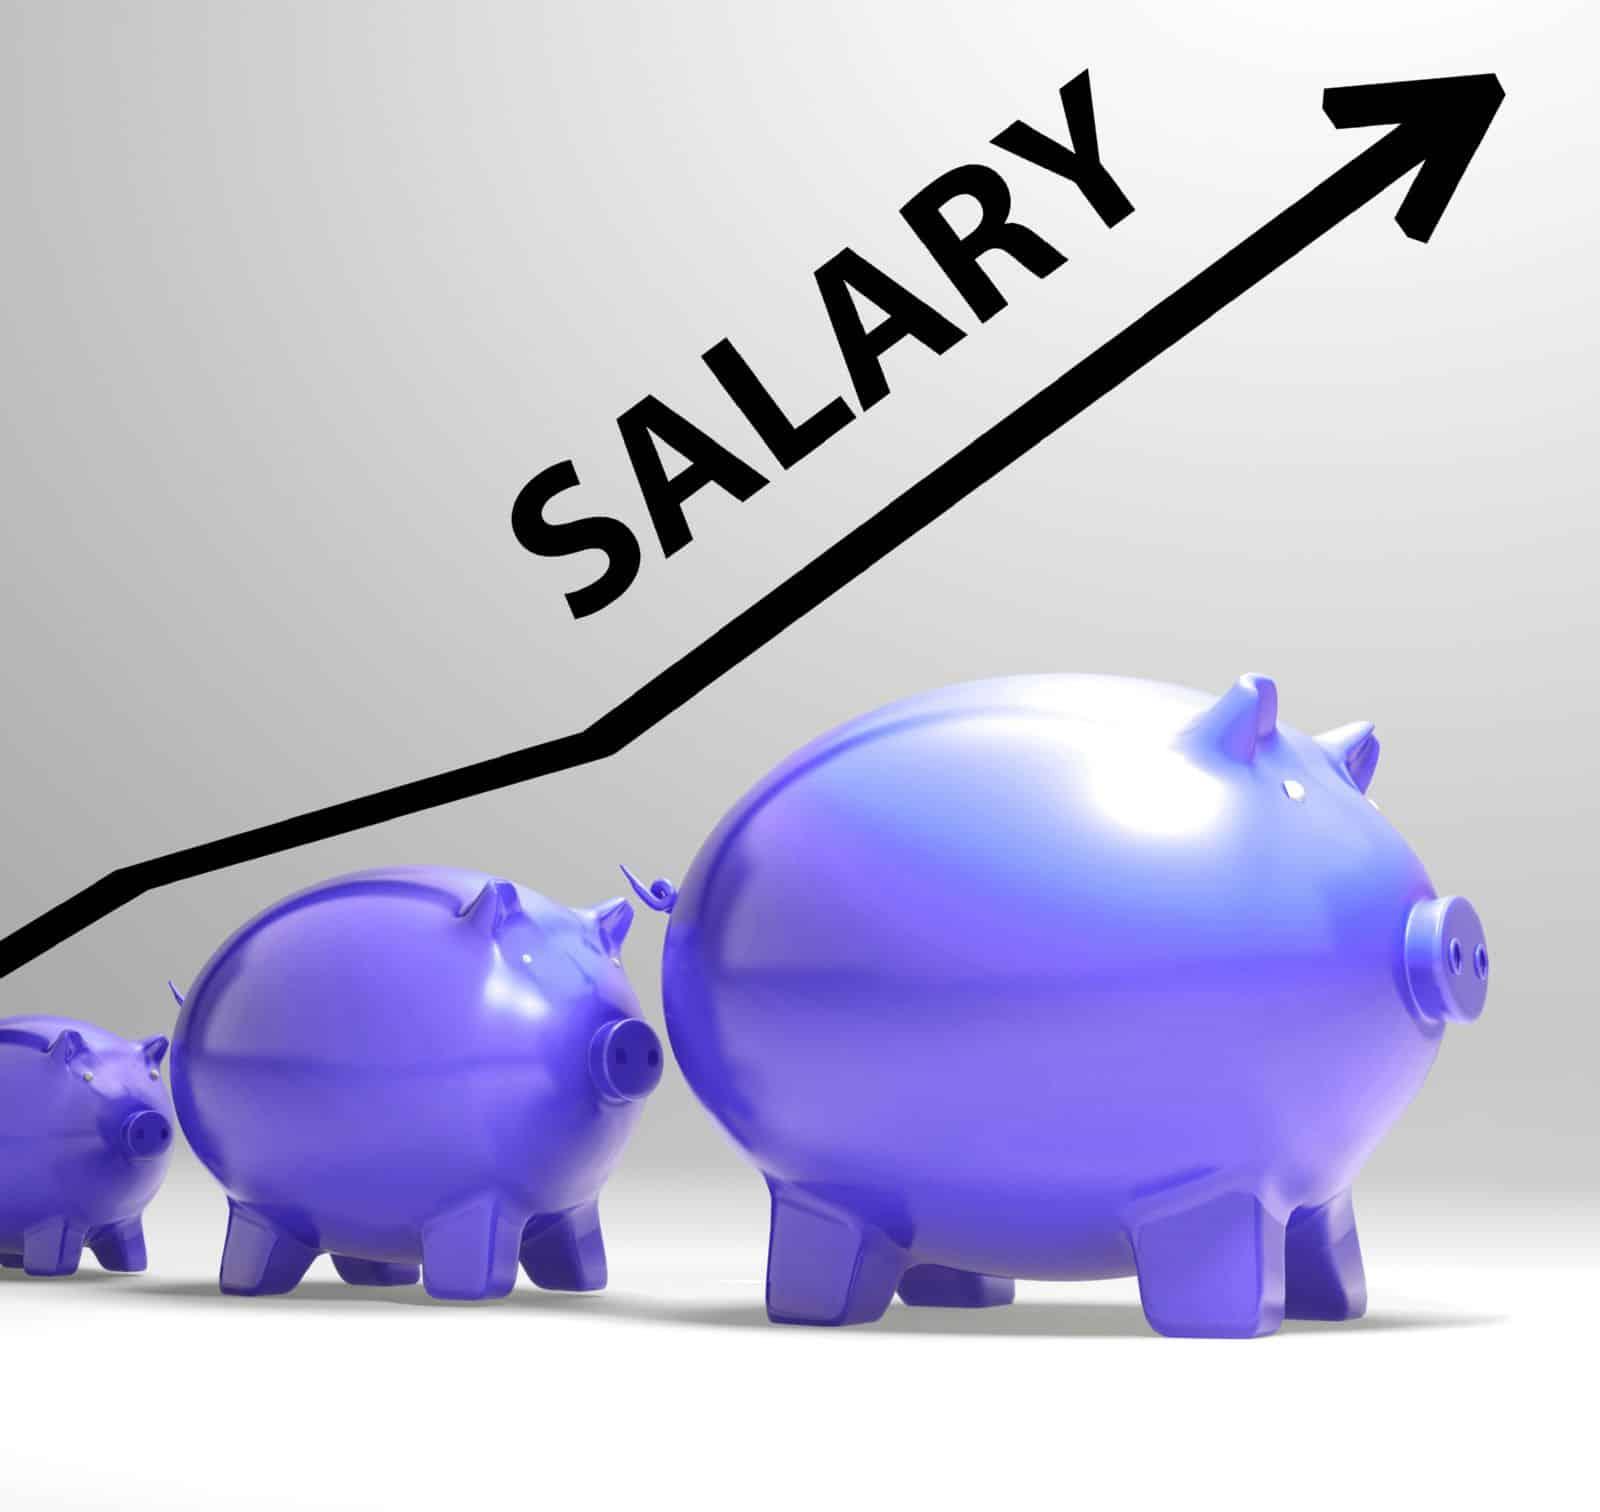 максимальный размер зарплаты в России